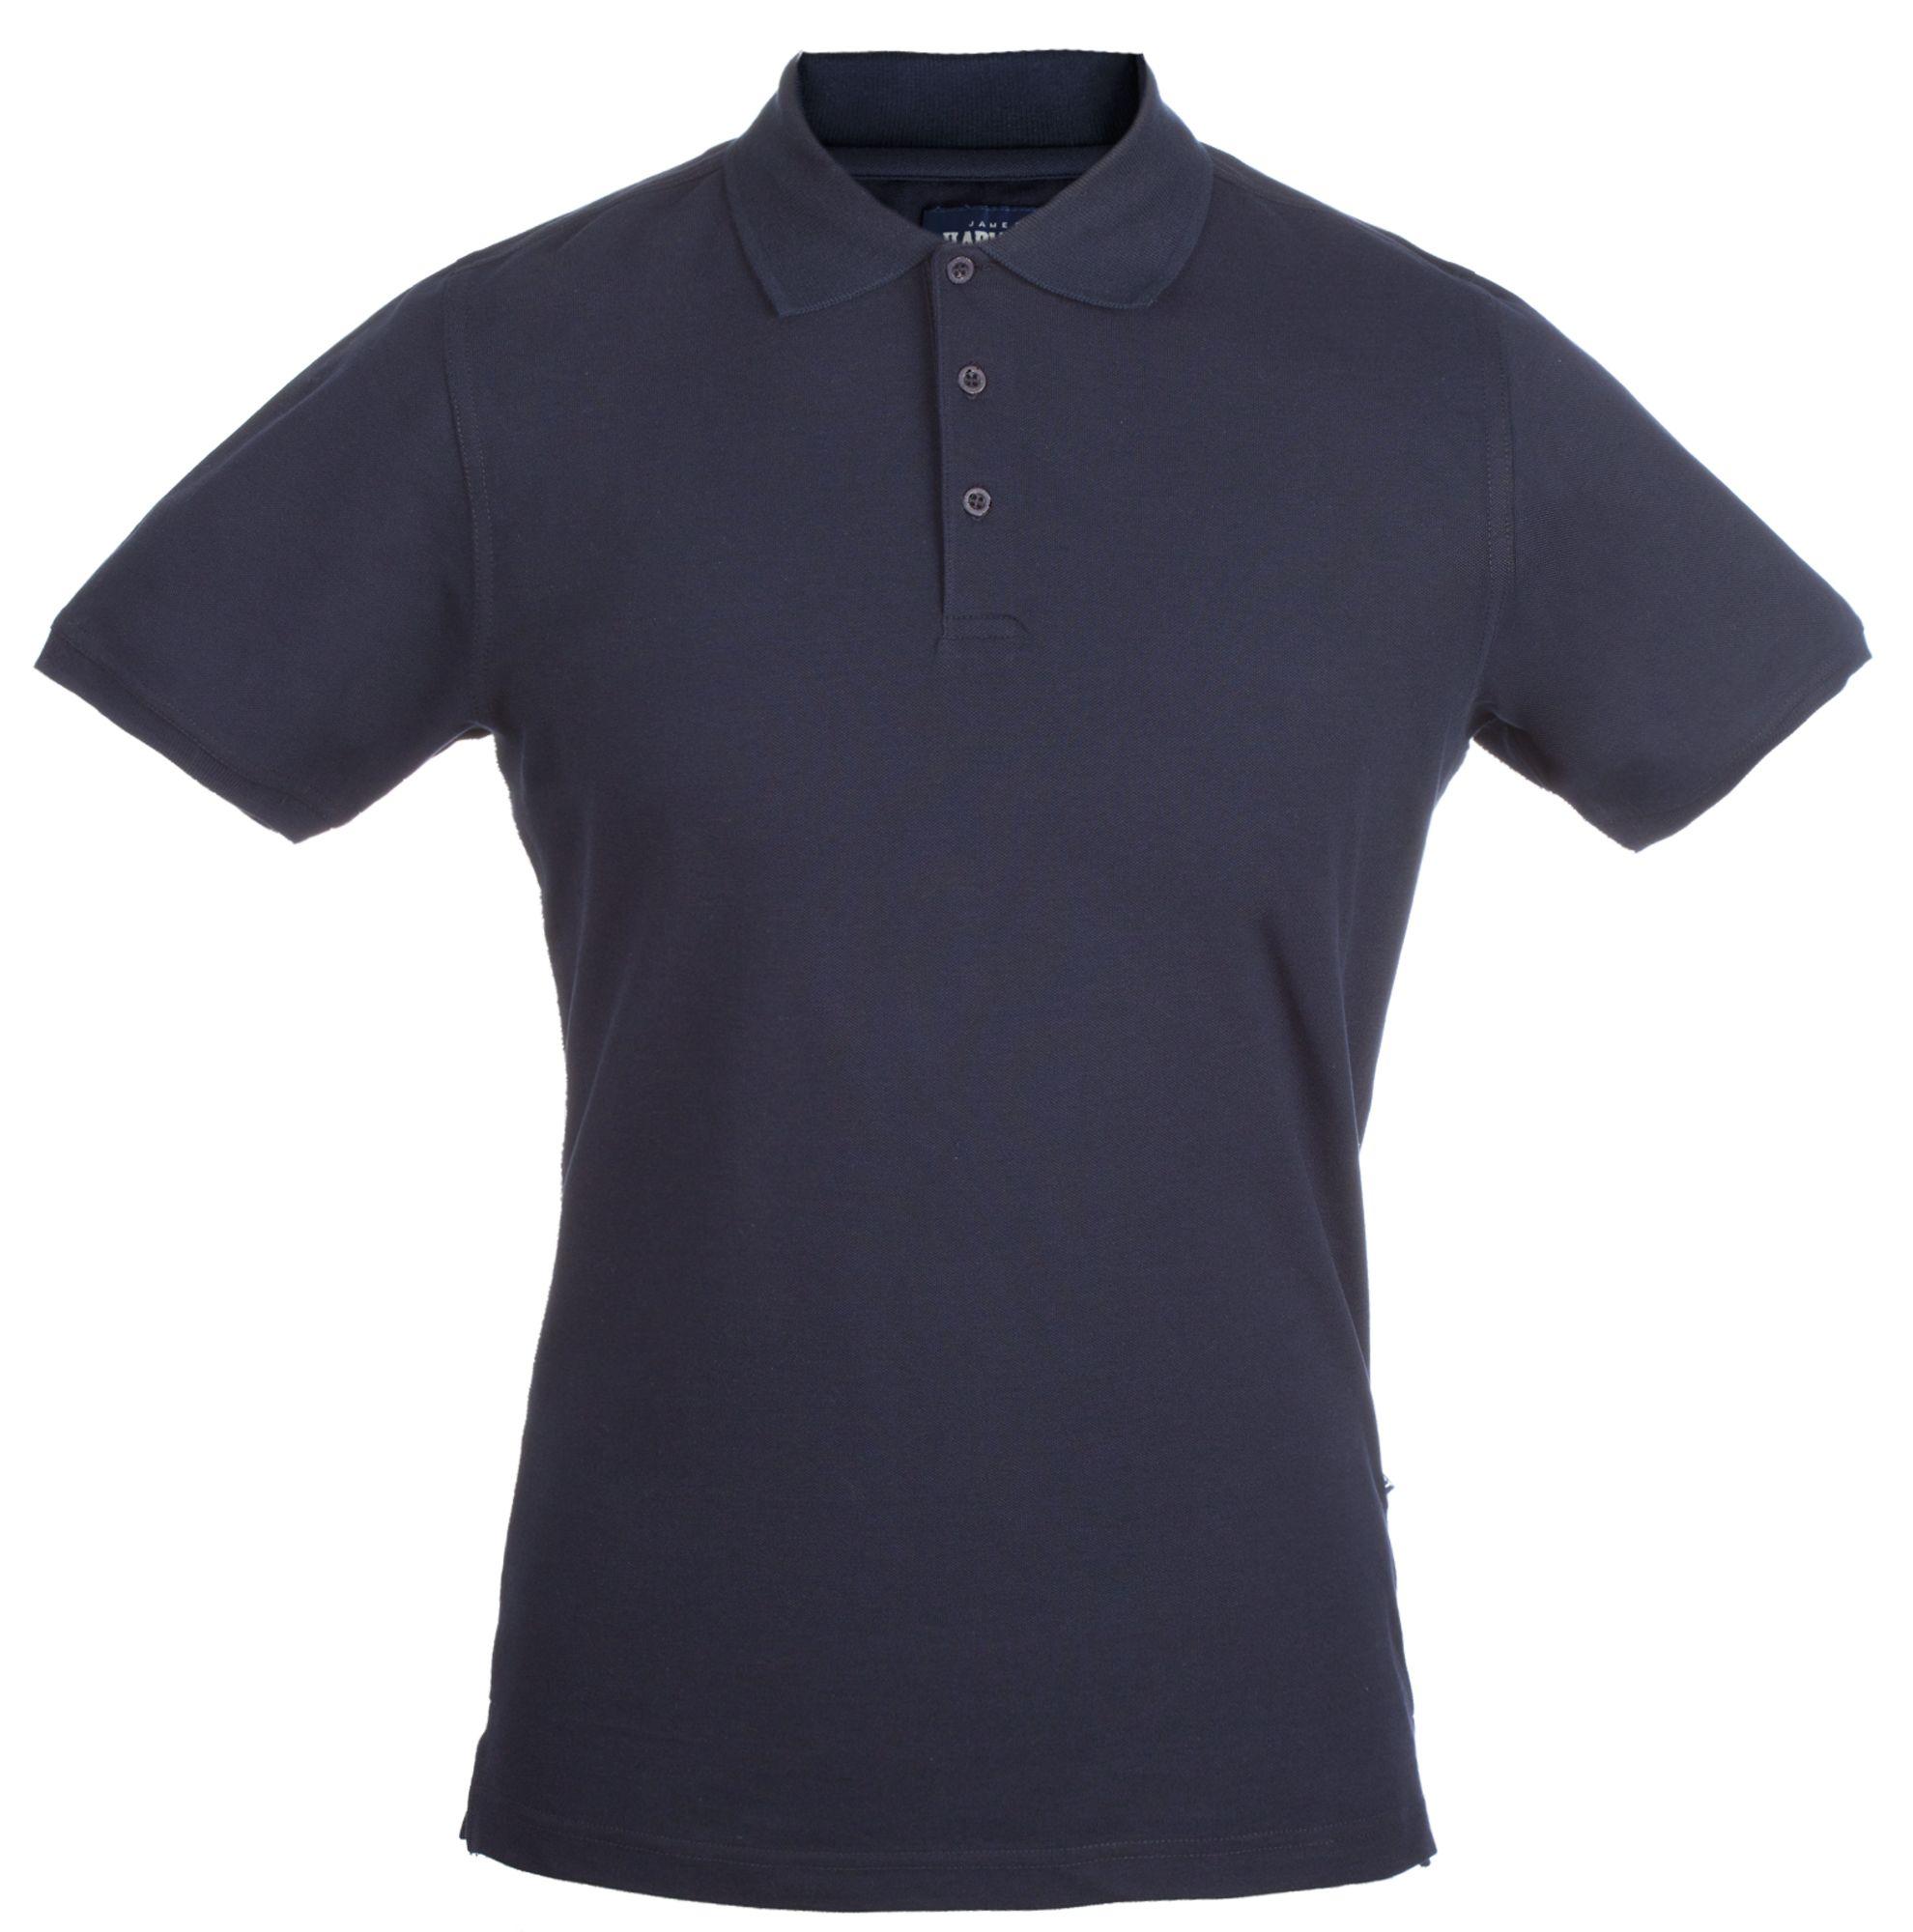 Рубашка поло стретч мужская EAGLE, темно-синяя